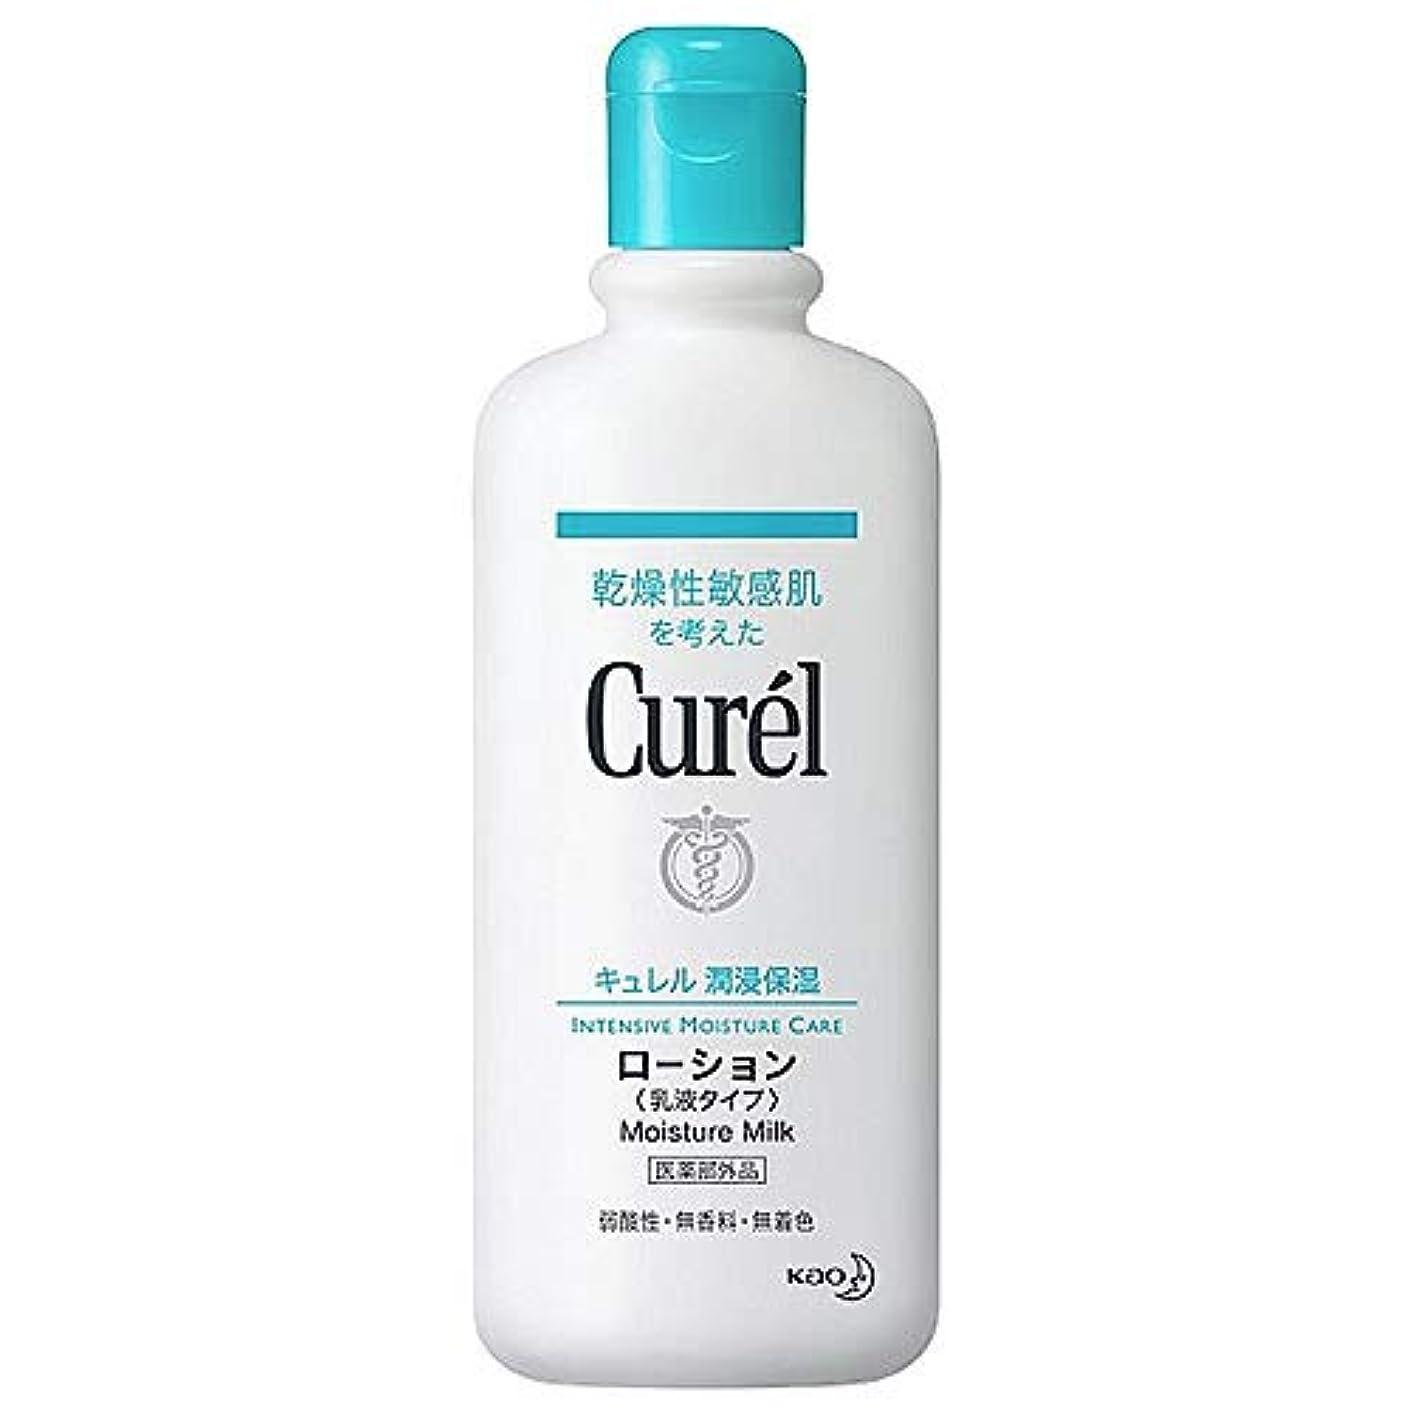 頭掃くセイはさておきキュレル CUREL ローション (ボトル) 220ml [並行輸入品]